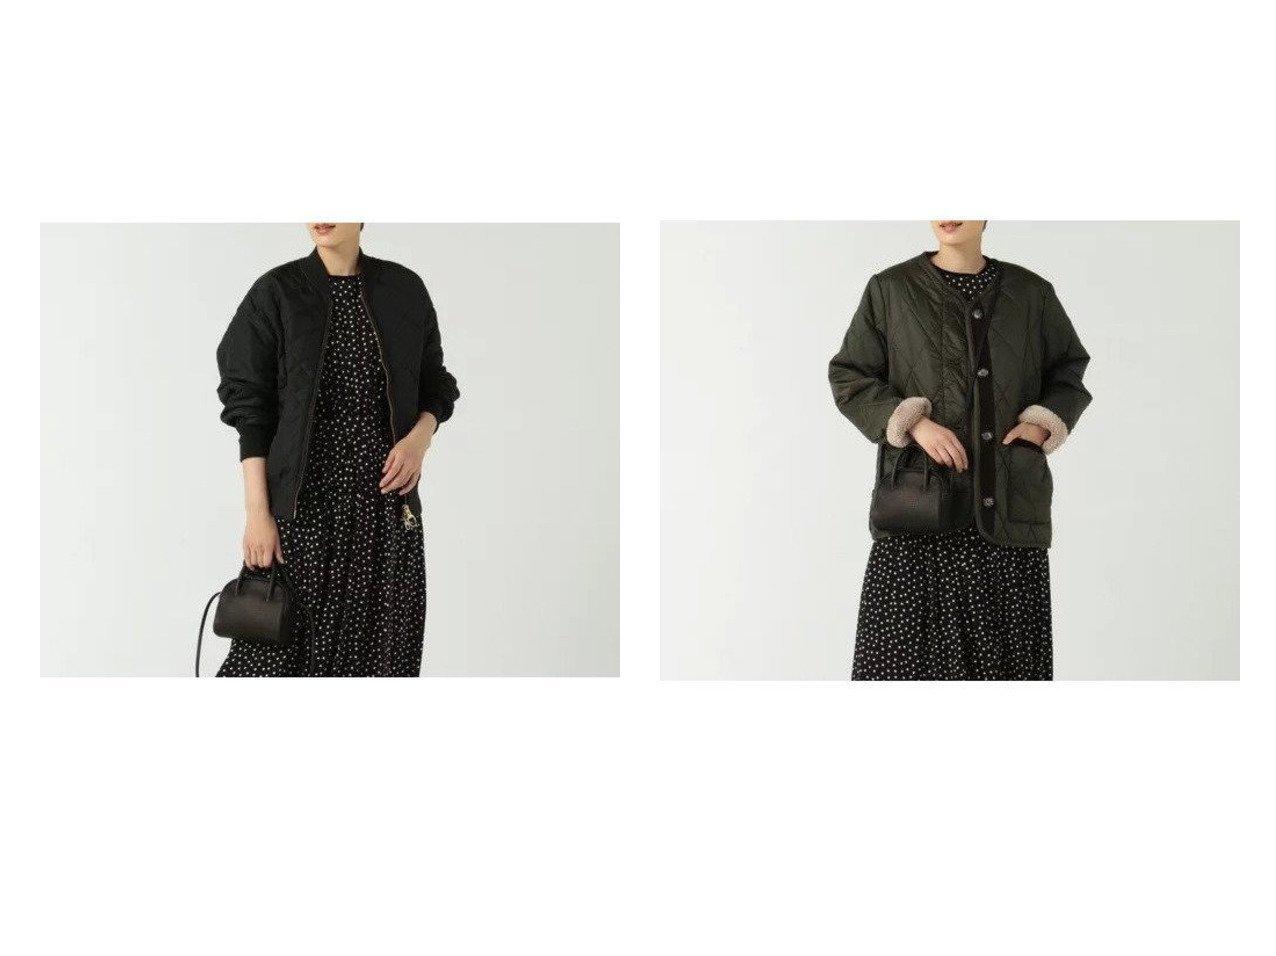 【BARBOUR/バブアー】のROSLIN QUILT&QUILTED BOMBER JACKET OS NYLON 【アウター】おすすめ!人気、トレンド・レディースファッションの通販 おすすめで人気の流行・トレンド、ファッションの通販商品 インテリア・家具・メンズファッション・キッズファッション・レディースファッション・服の通販 founy(ファニー) https://founy.com/ ファッション Fashion レディースファッション WOMEN アウター Coat Outerwear ジャケット Jackets ブルゾン Blouson/Jackets A/W・秋冬 AW・Autumn/Winter・FW・Fall-Winter ジャケット デニム バランス フロント 人気 2021年 2021 2021-2022秋冬・A/W AW・Autumn/Winter・FW・Fall-Winter・2021-2022 エレガント キルト コレクション ショート スタイリッシュ ダイヤモンド ブルゾン プレミアム マーブル  ID:crp329100000056370